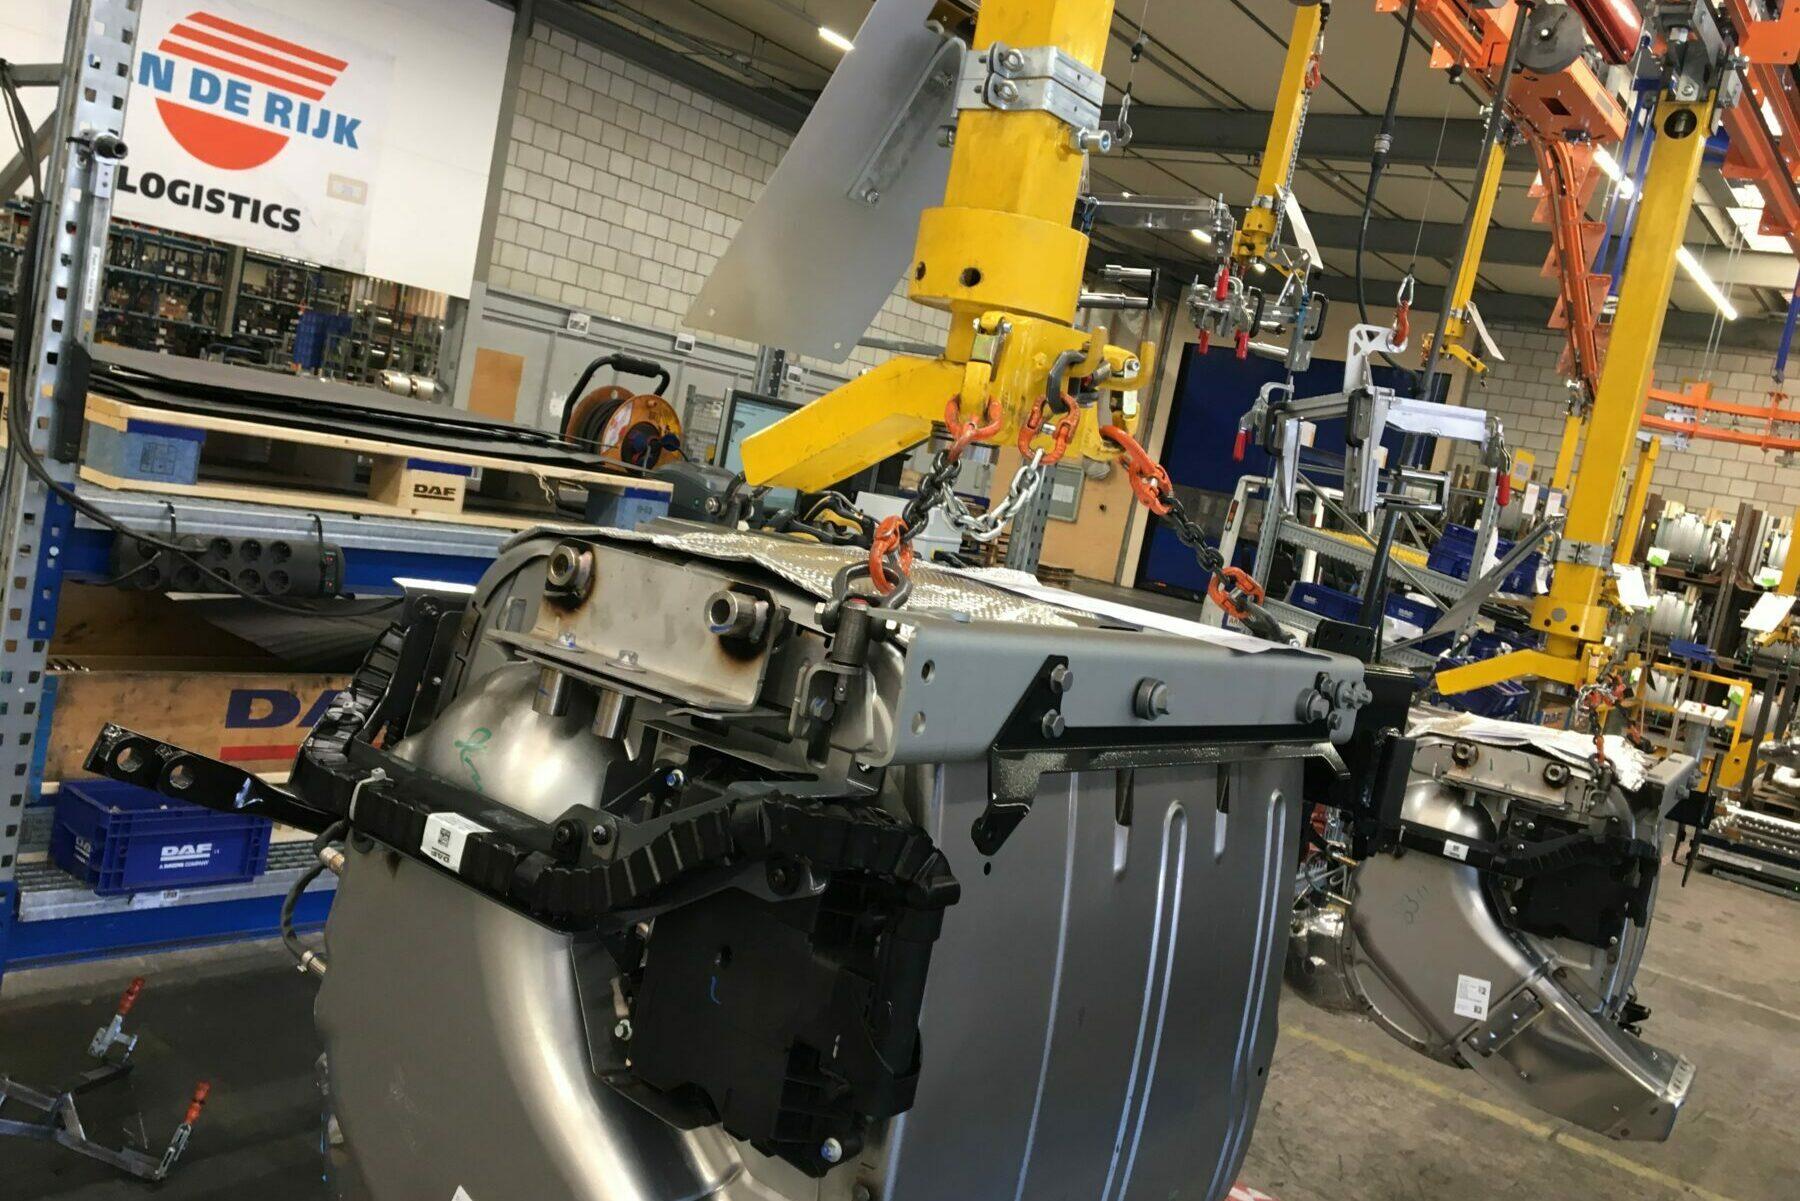 Assembly at Jan de Rijk Automotive Logistics